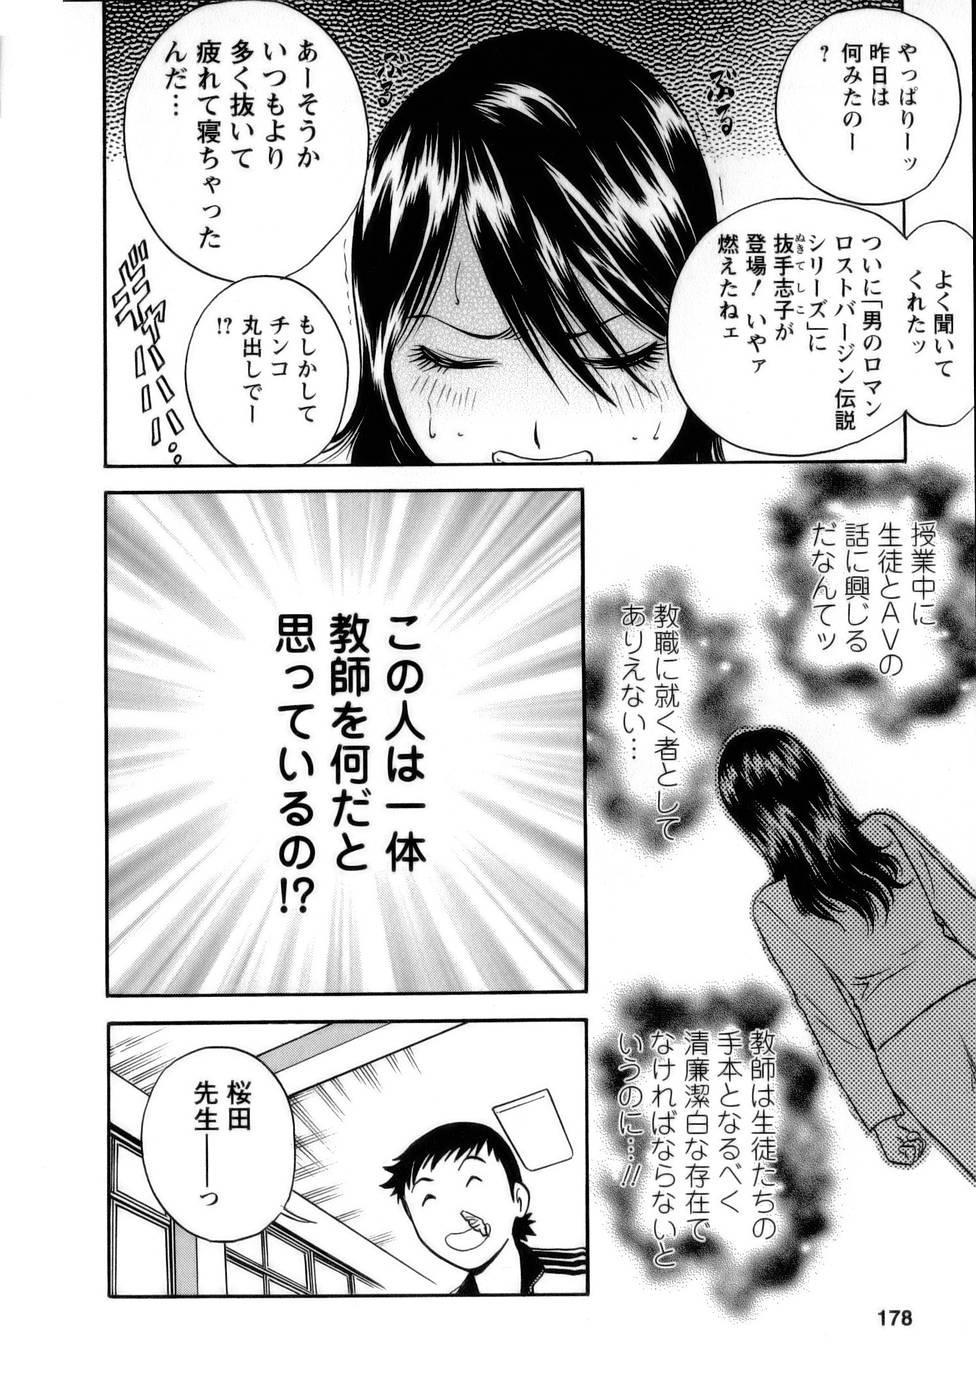 [Hidemaru] Mo-Retsu! Boin Sensei (Boing Boing Teacher) Vol.1 177